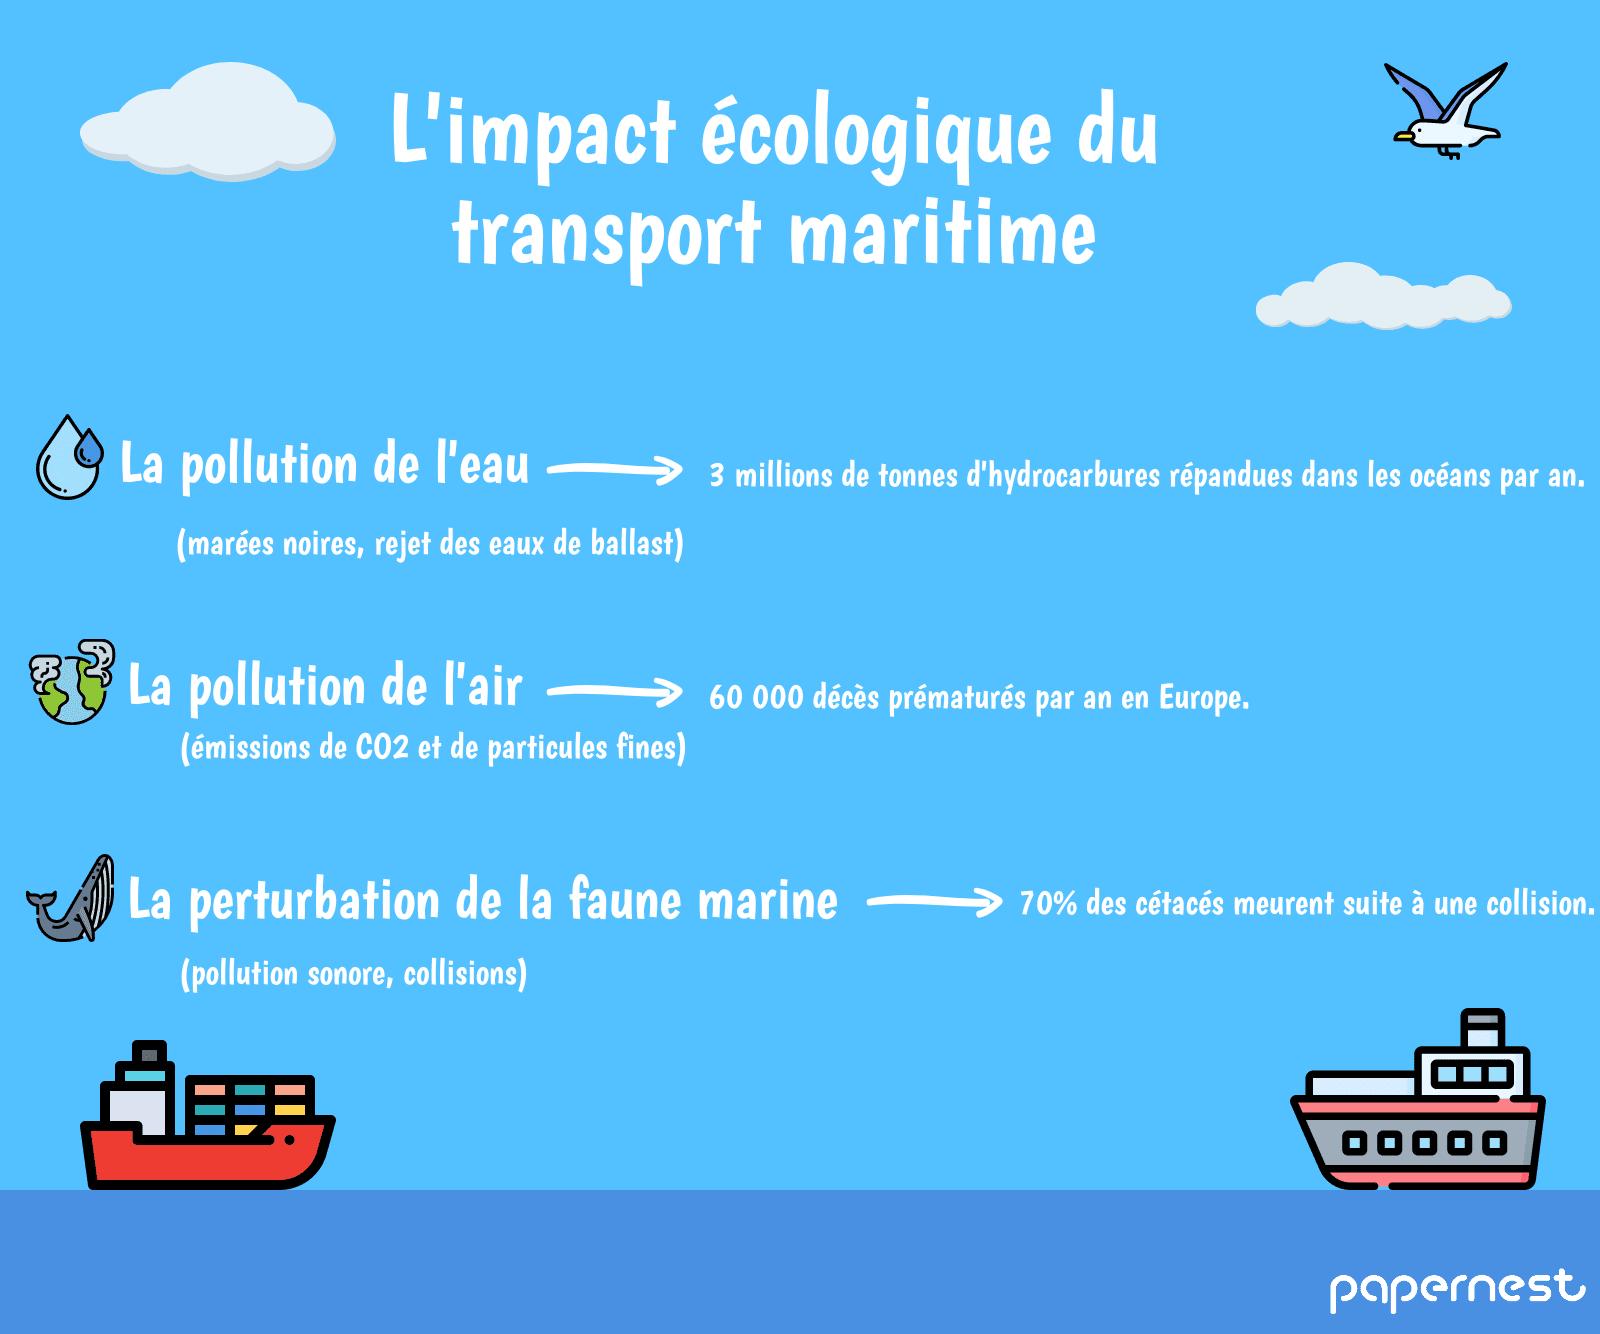 infographie impact écologique transport maritime